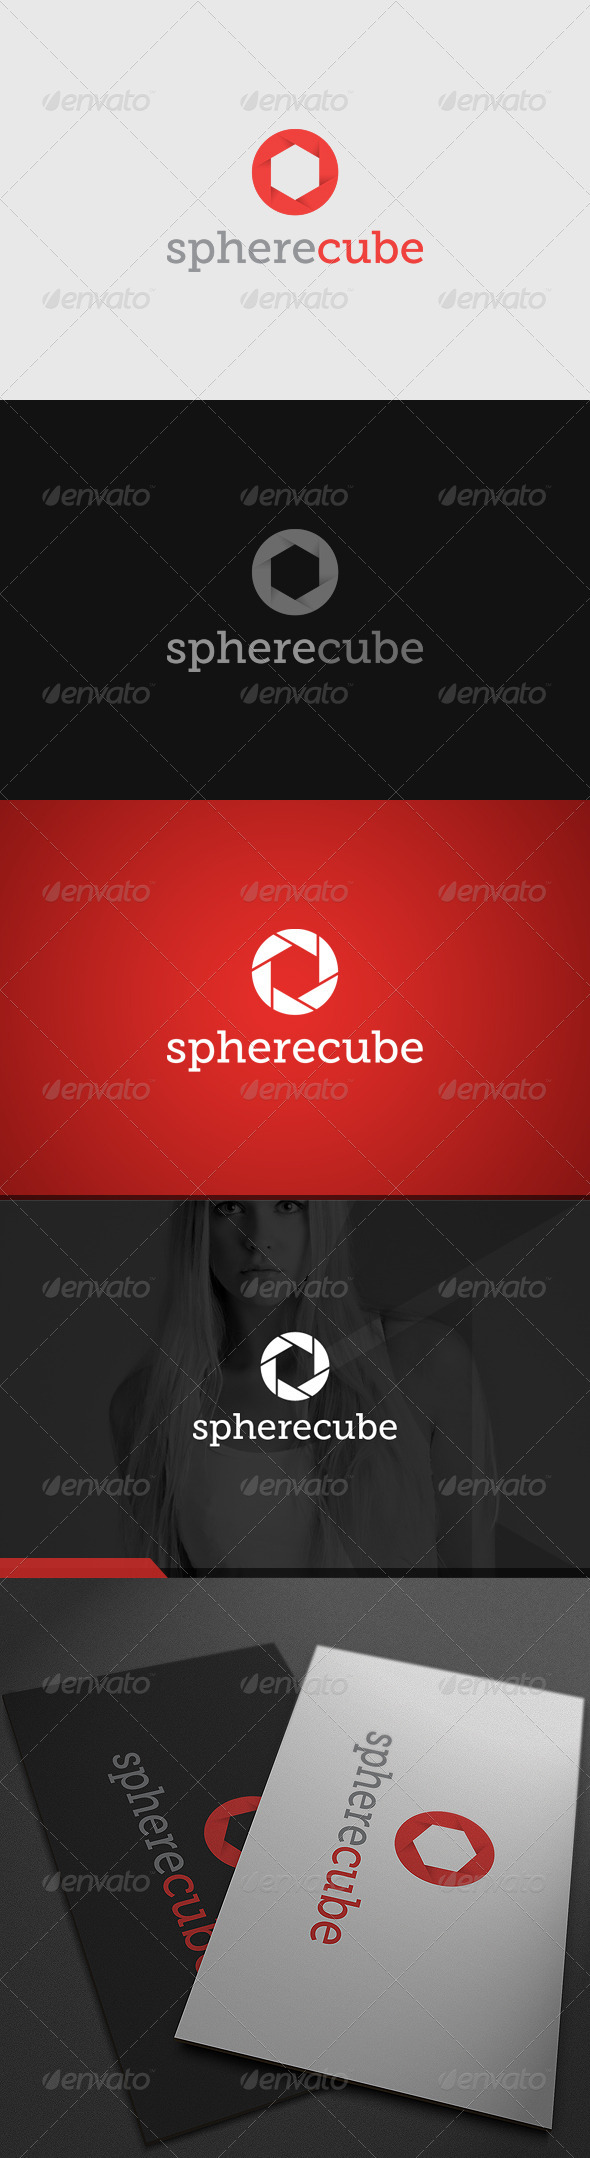 GraphicRiver SphereCube 1641630